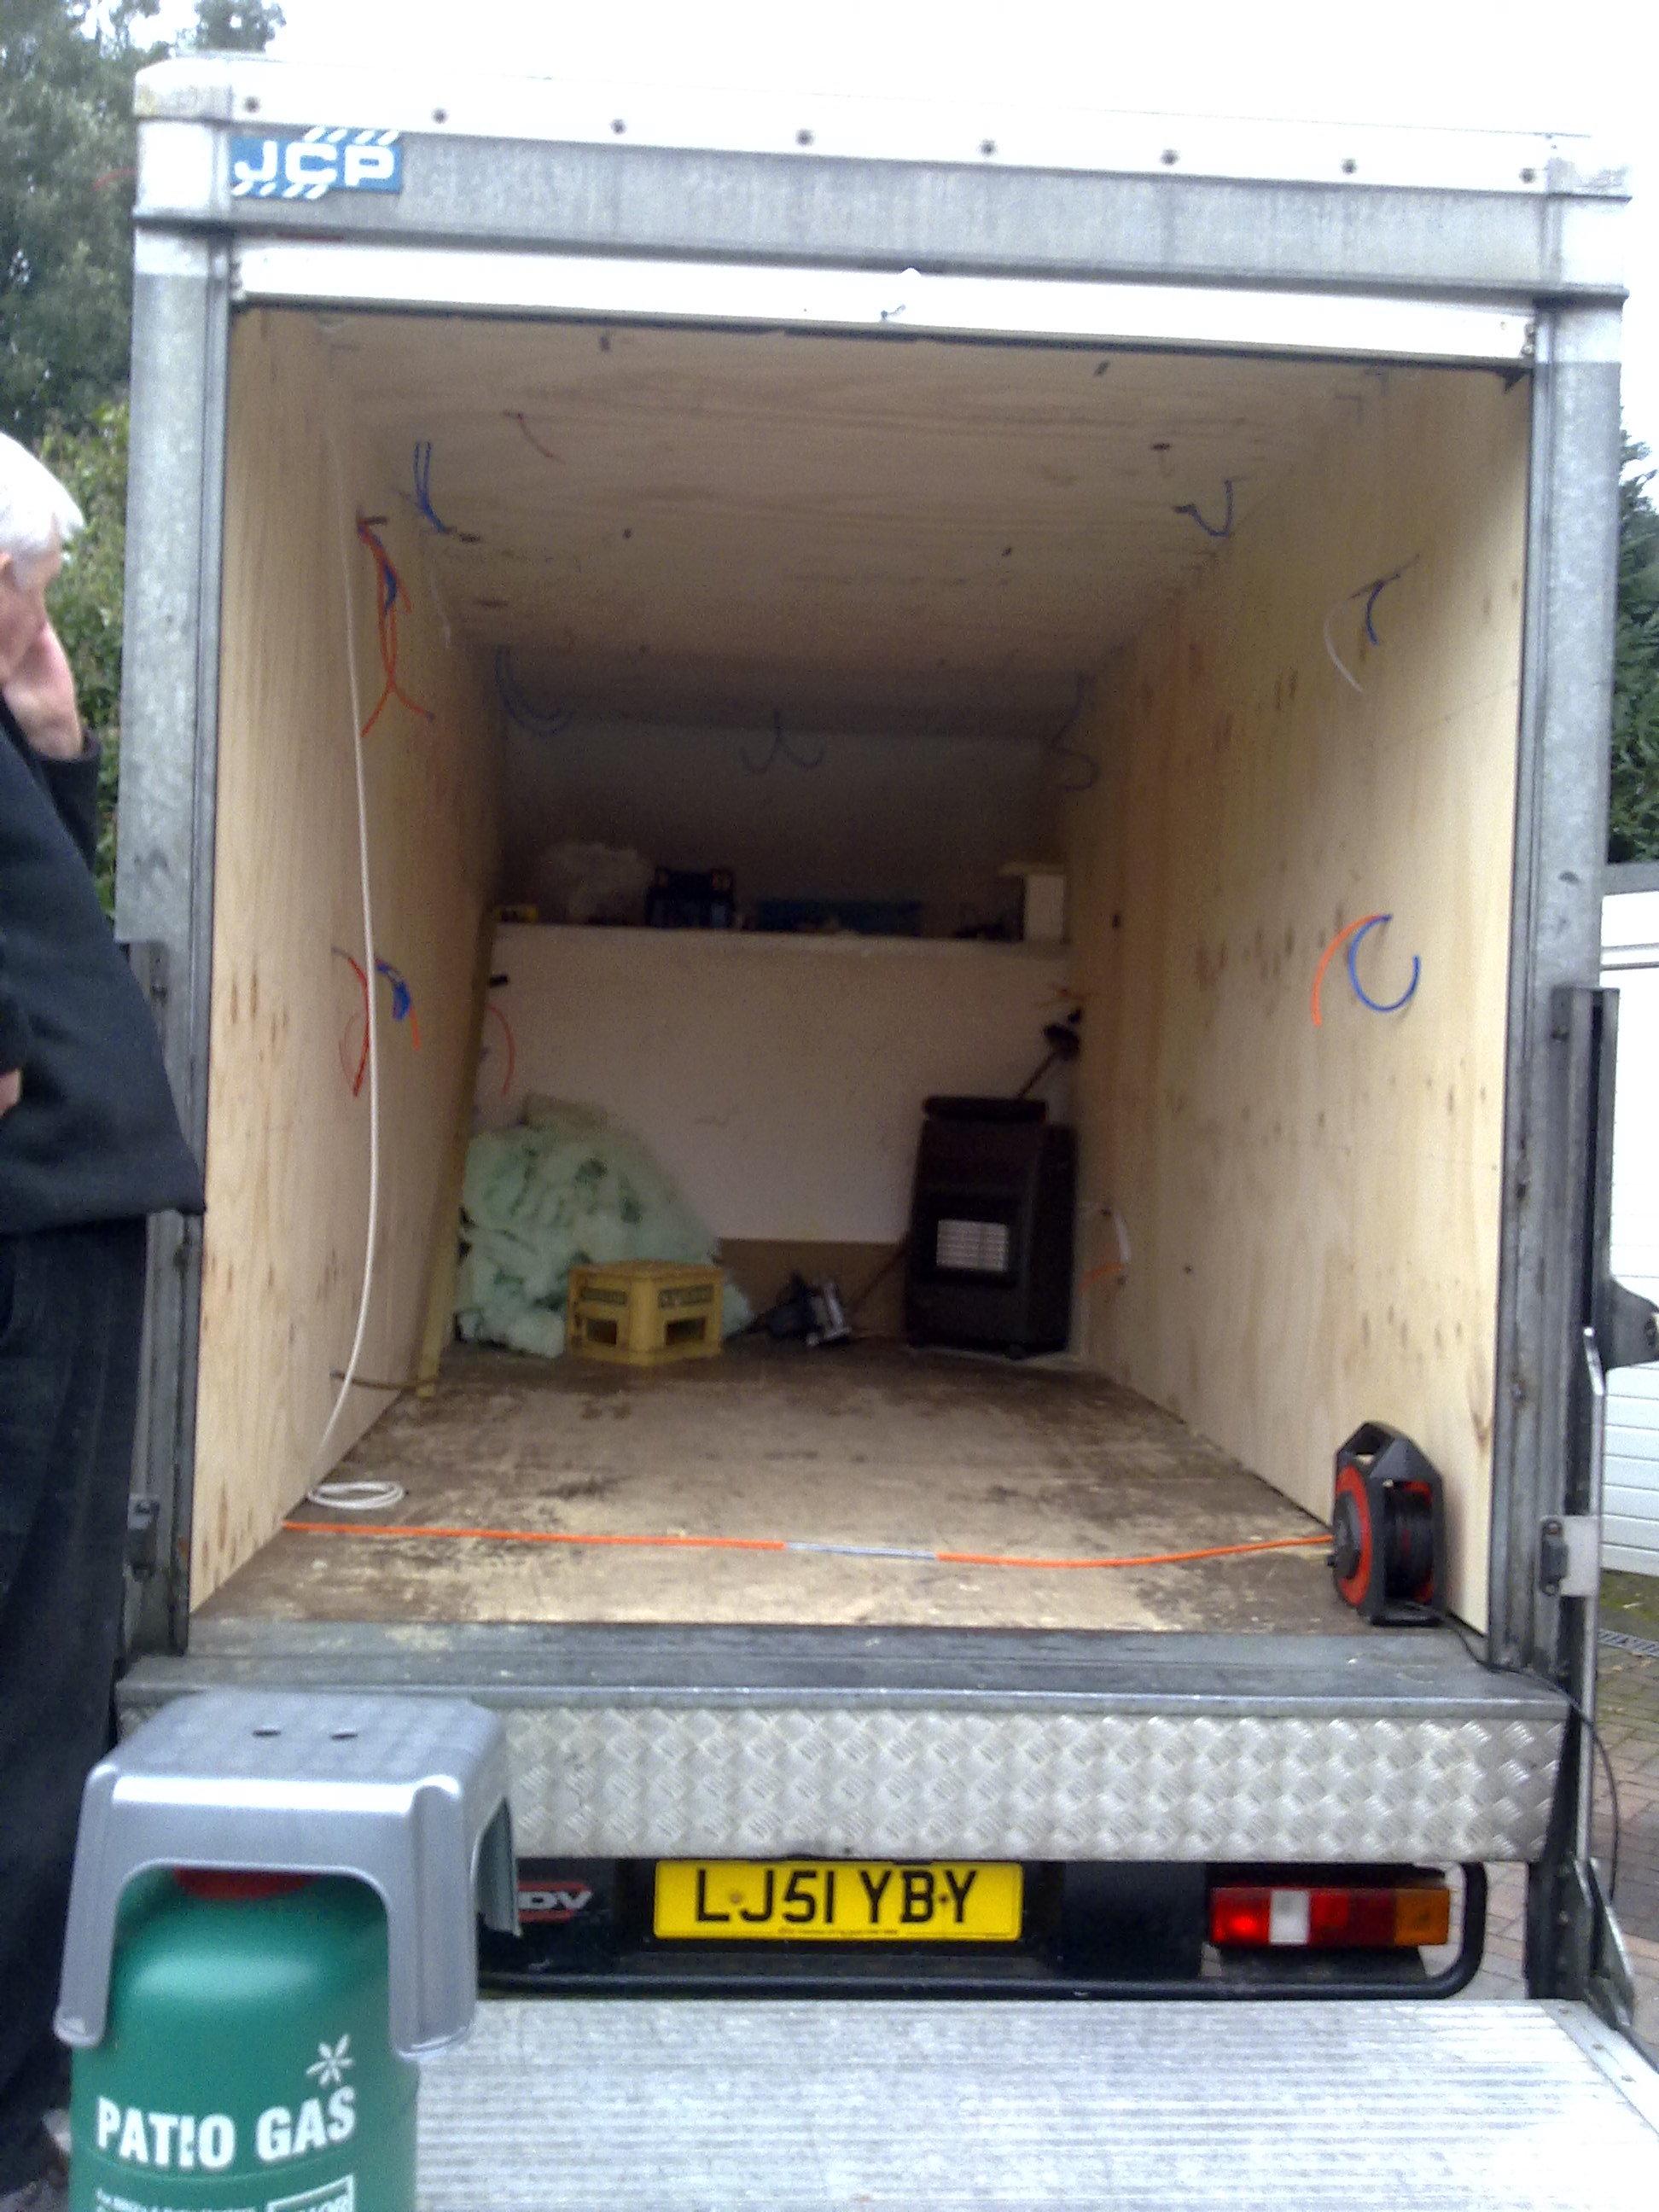 LDV Luton: Van History – Beyond The Van